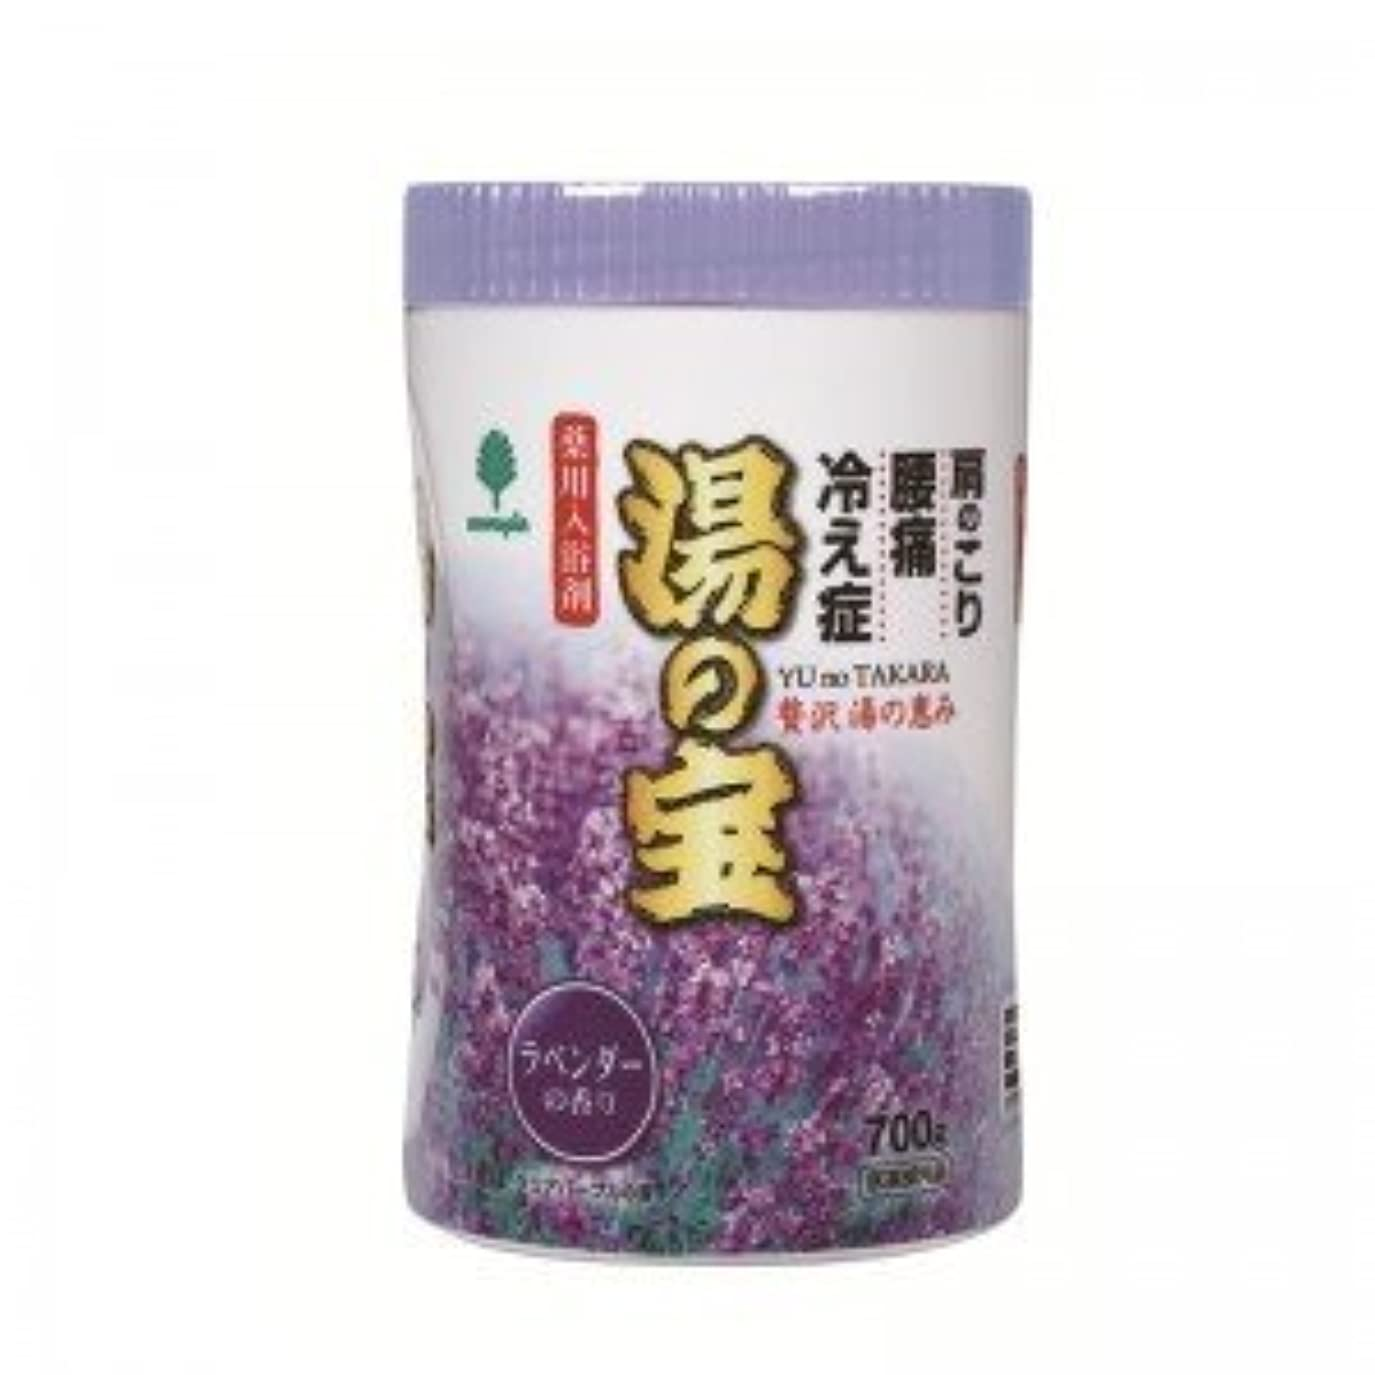 教えフェロー諸島謎めいた紀陽除虫菊 湯の宝 ラベンダーの香り (丸ボトル) 700g【まとめ買い15個セット】 N-0068